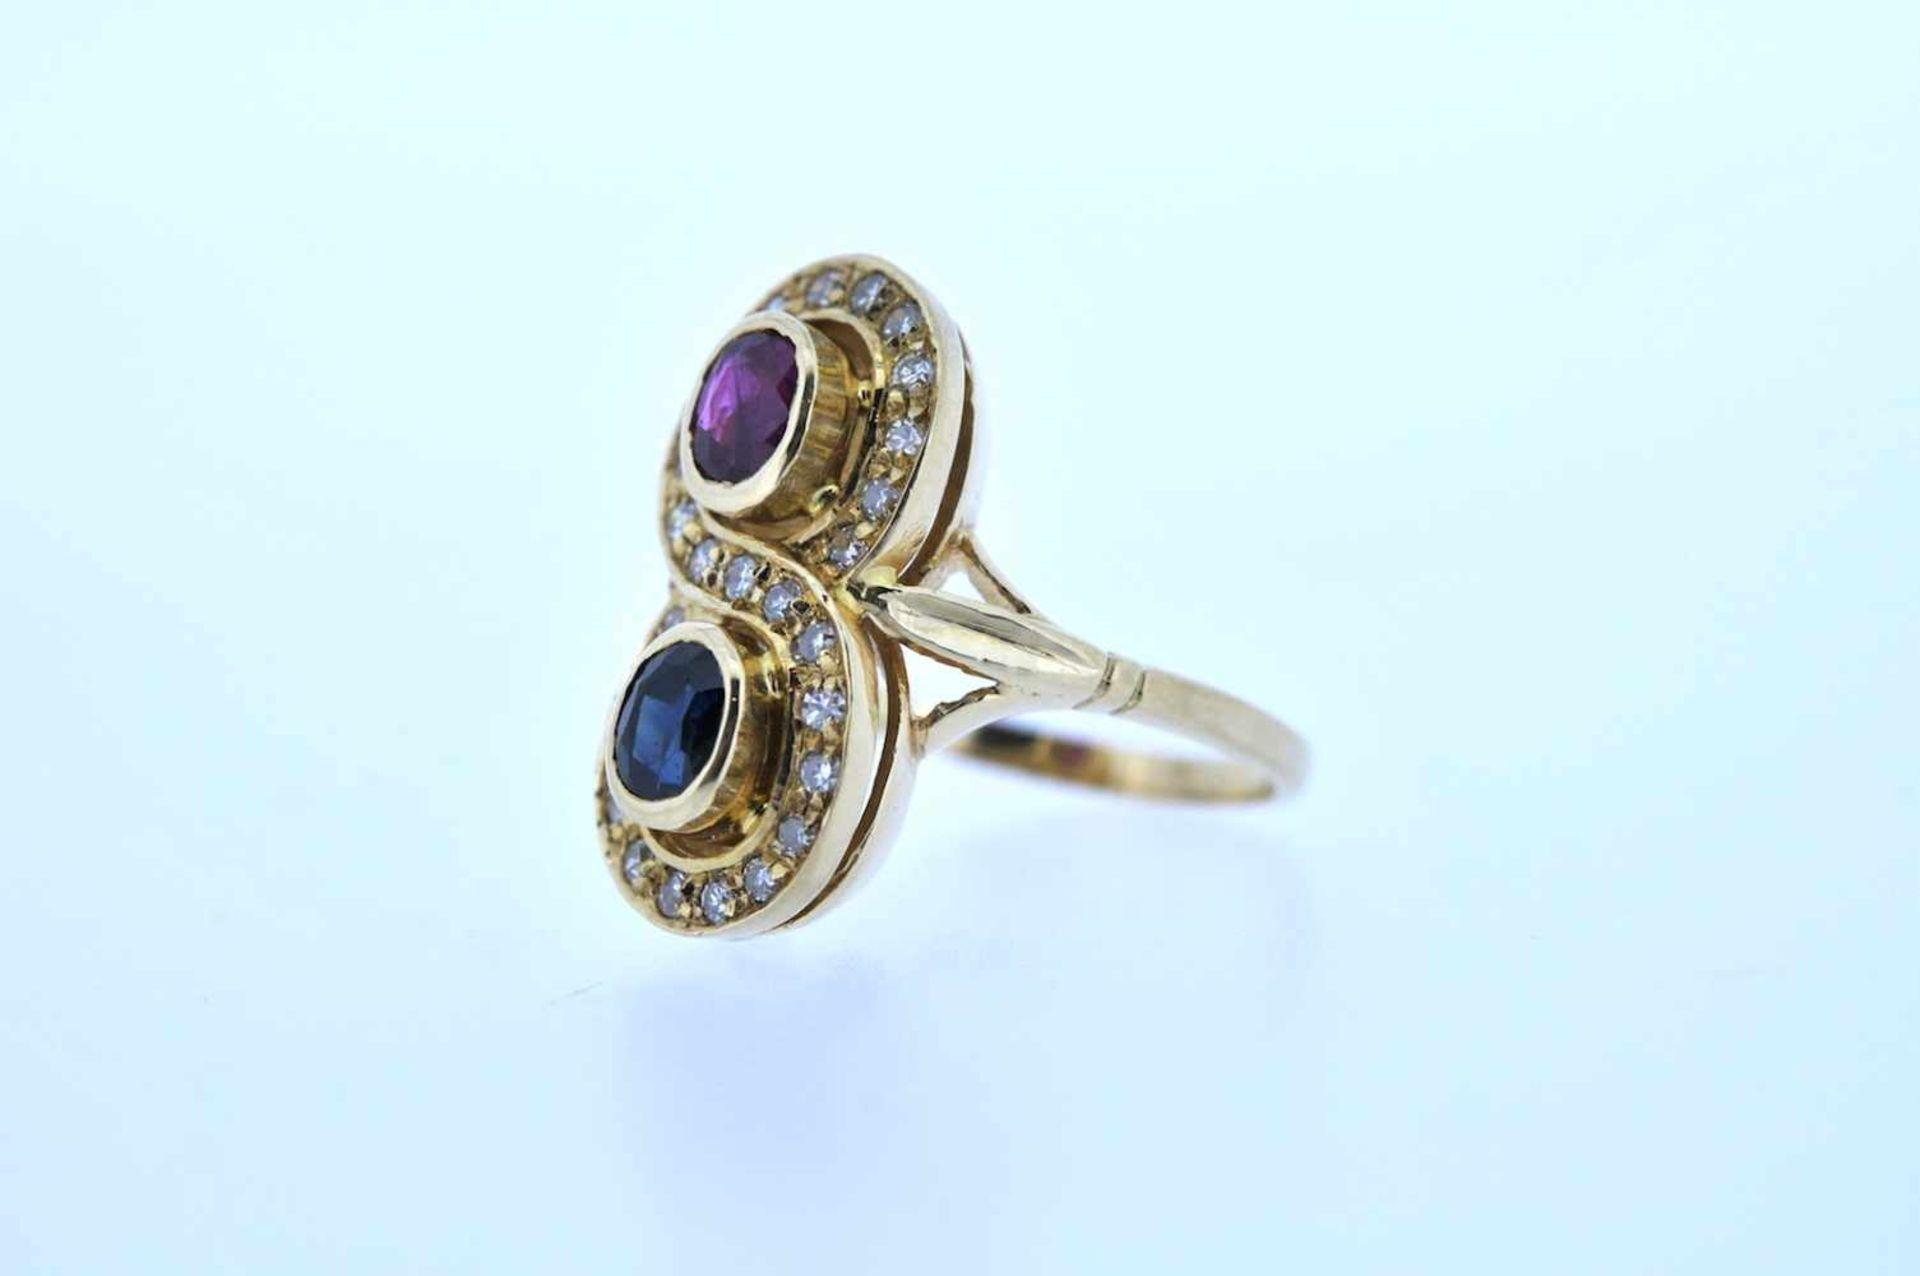 Los 39 - Ring Goldener Ring mit Brillanten, zus. ca. 0,20 ct und je einem Rubin und einem Saphir, zus.ca.